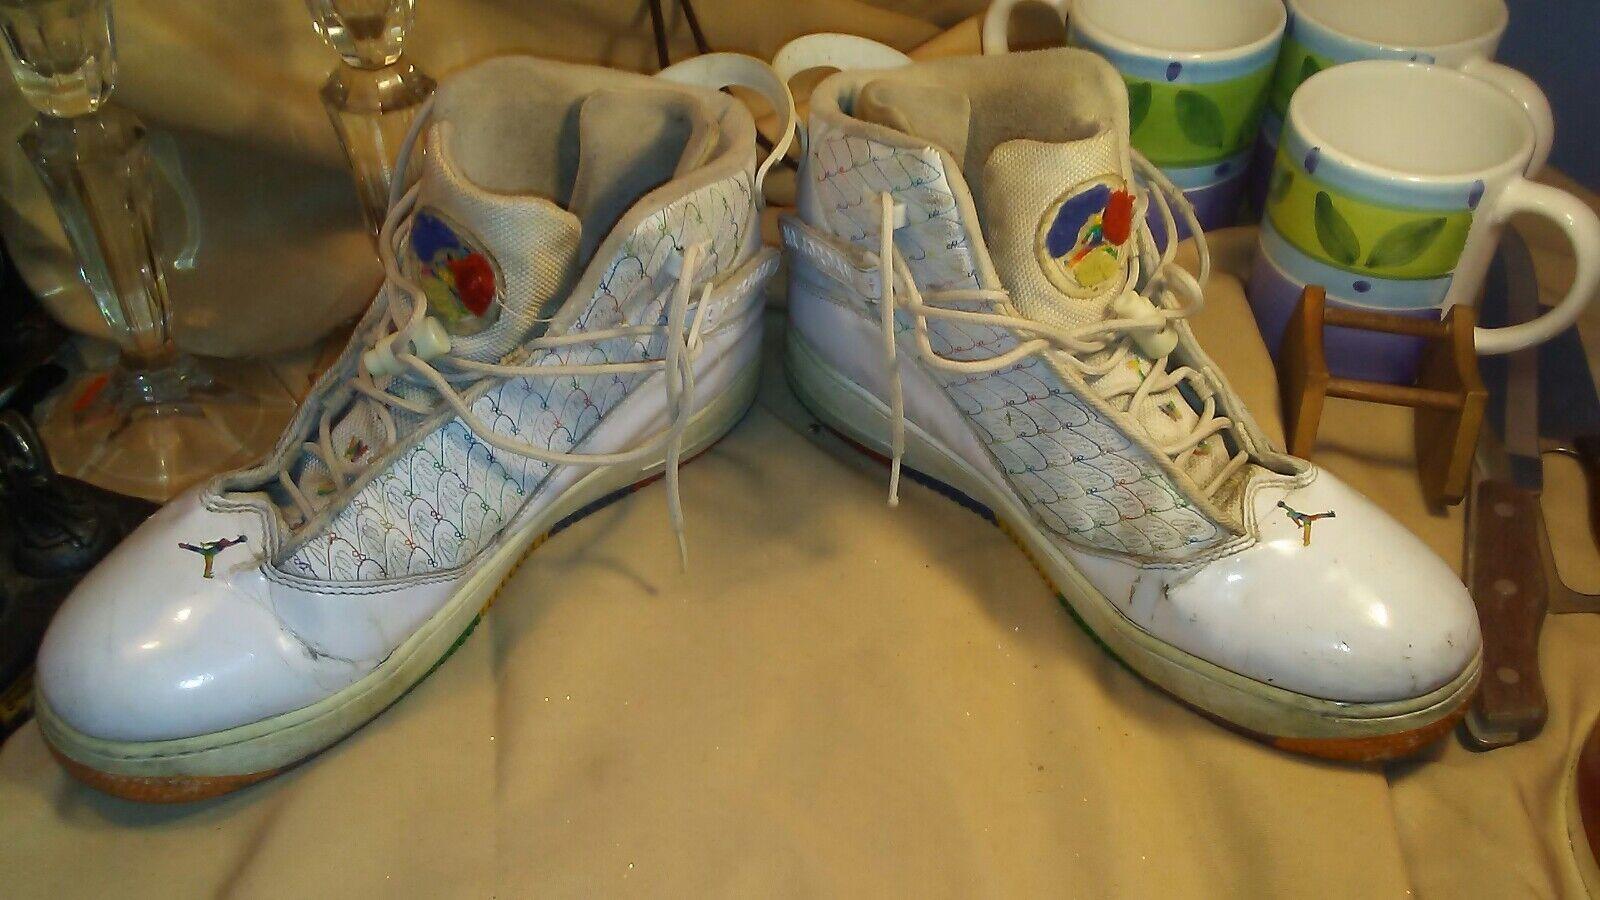 Nike air jordan 96,97,98 136027 111 due 3 white w / rainbow sz 10, 44 '